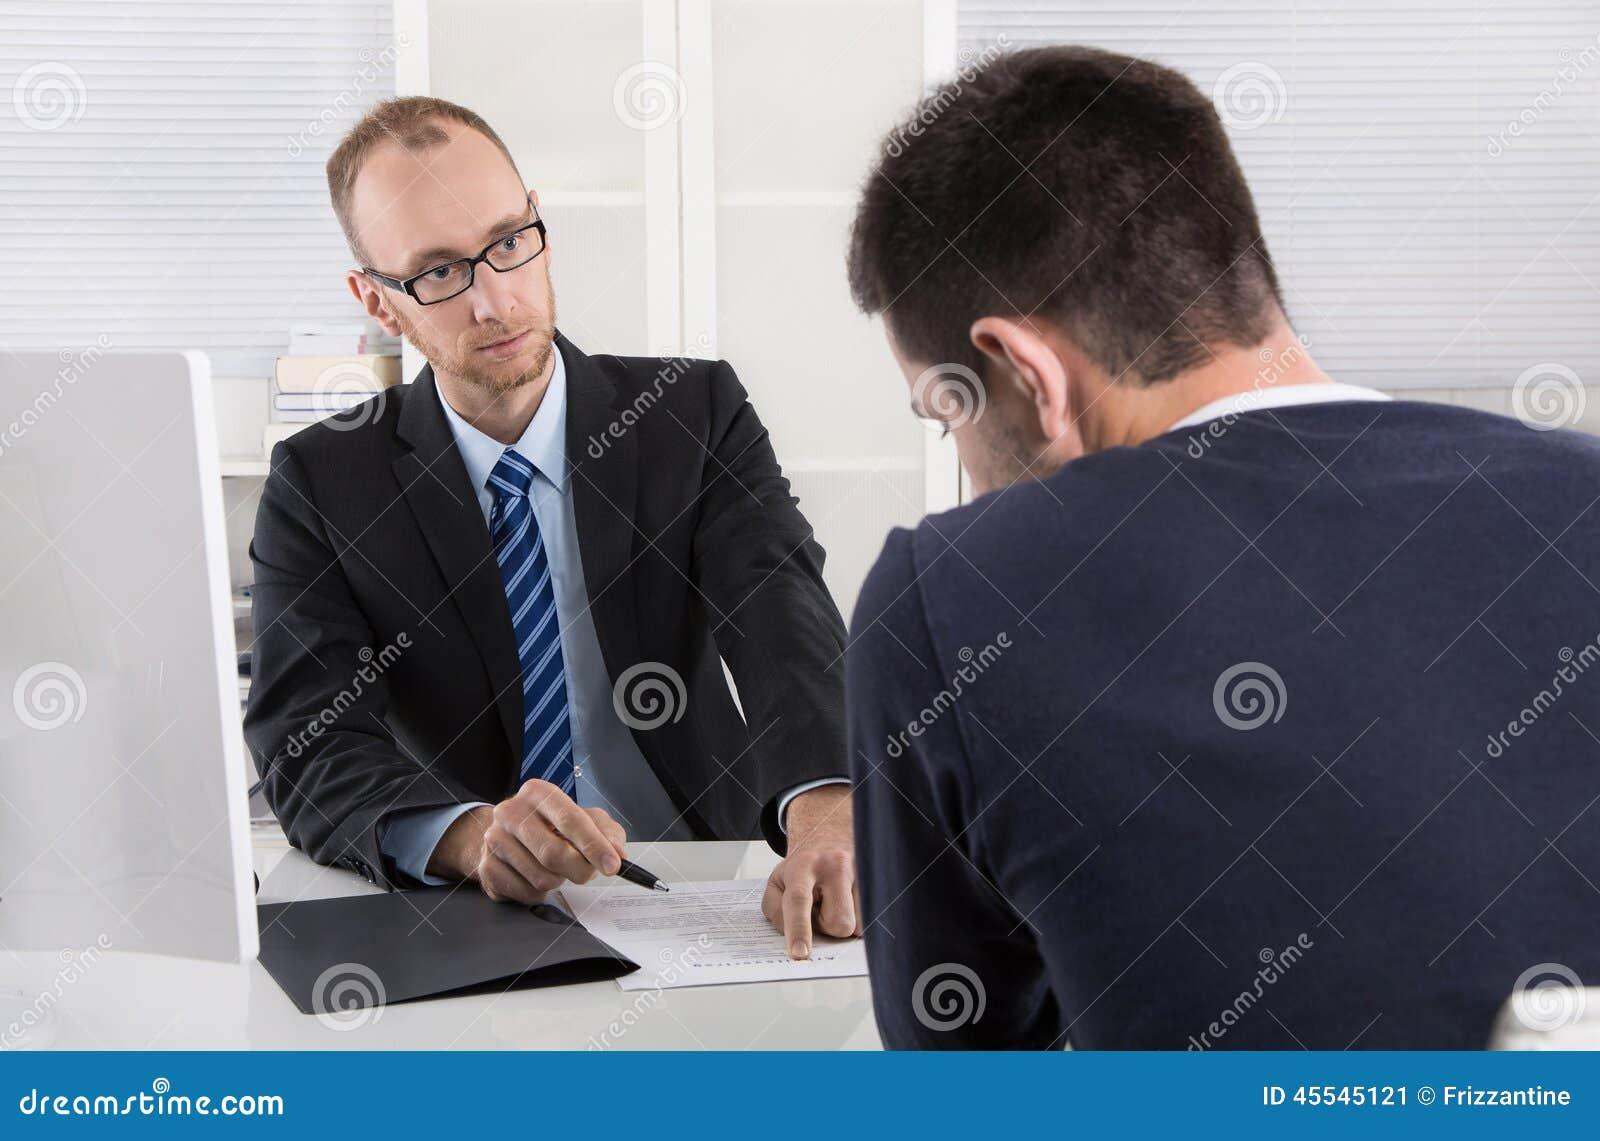 在工作场所的问题:上司评论家他的由于他的b的雇员